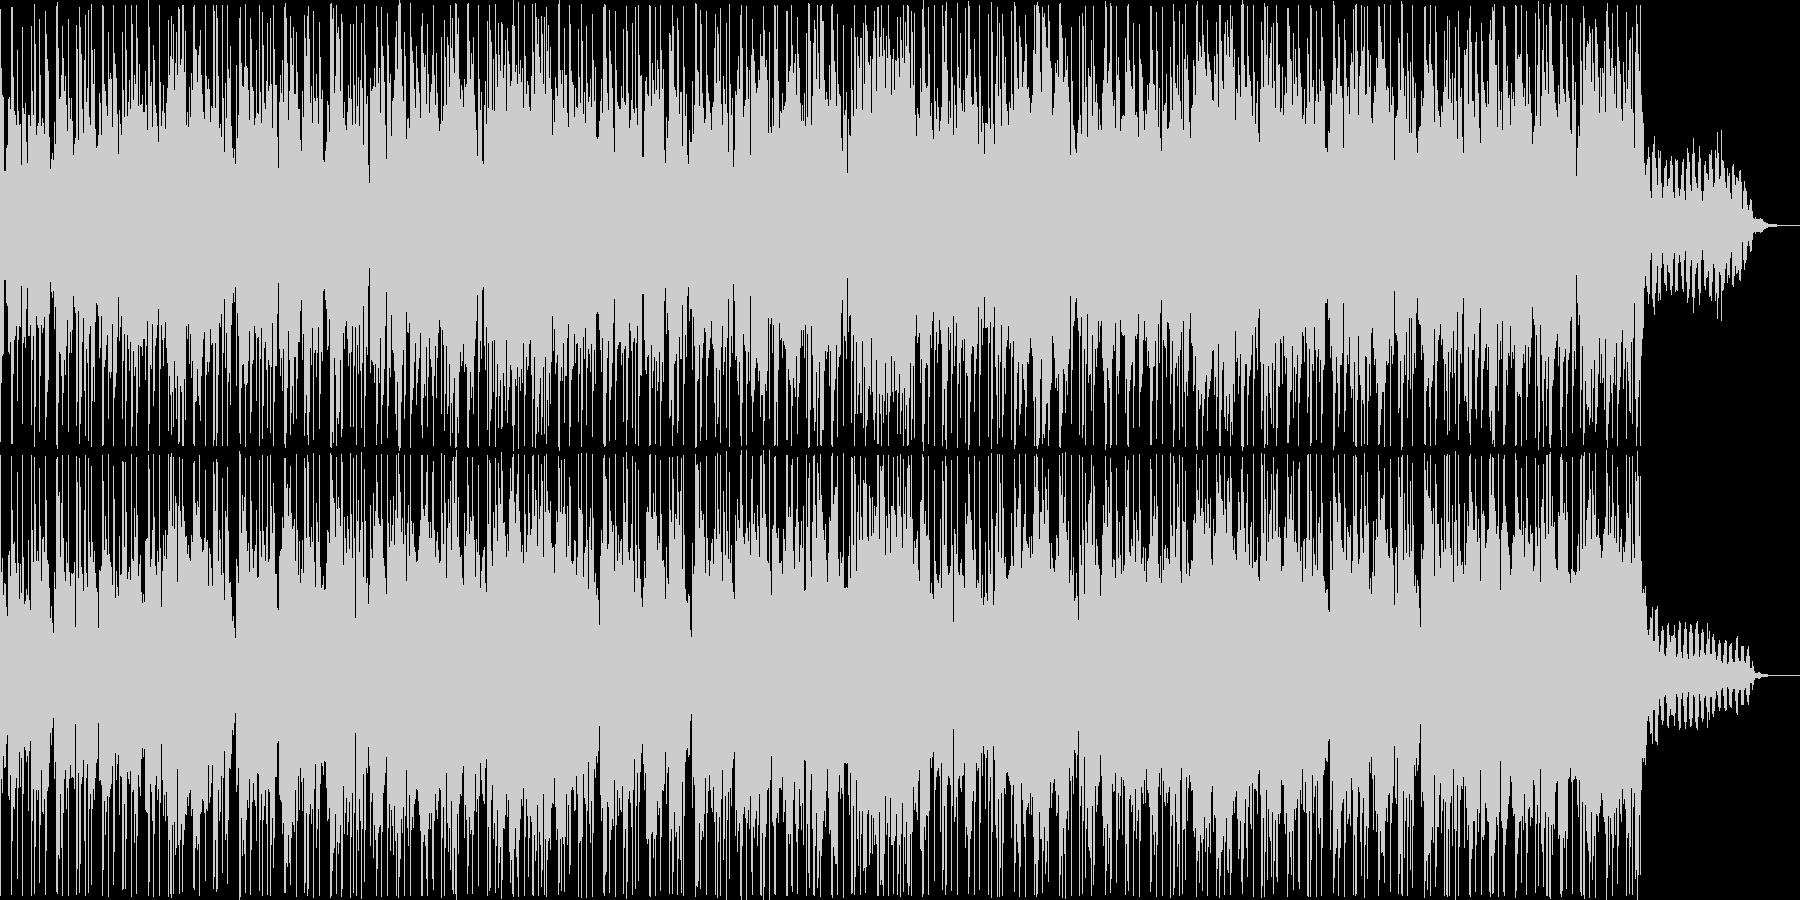 ゆったりとしたギターインストの未再生の波形